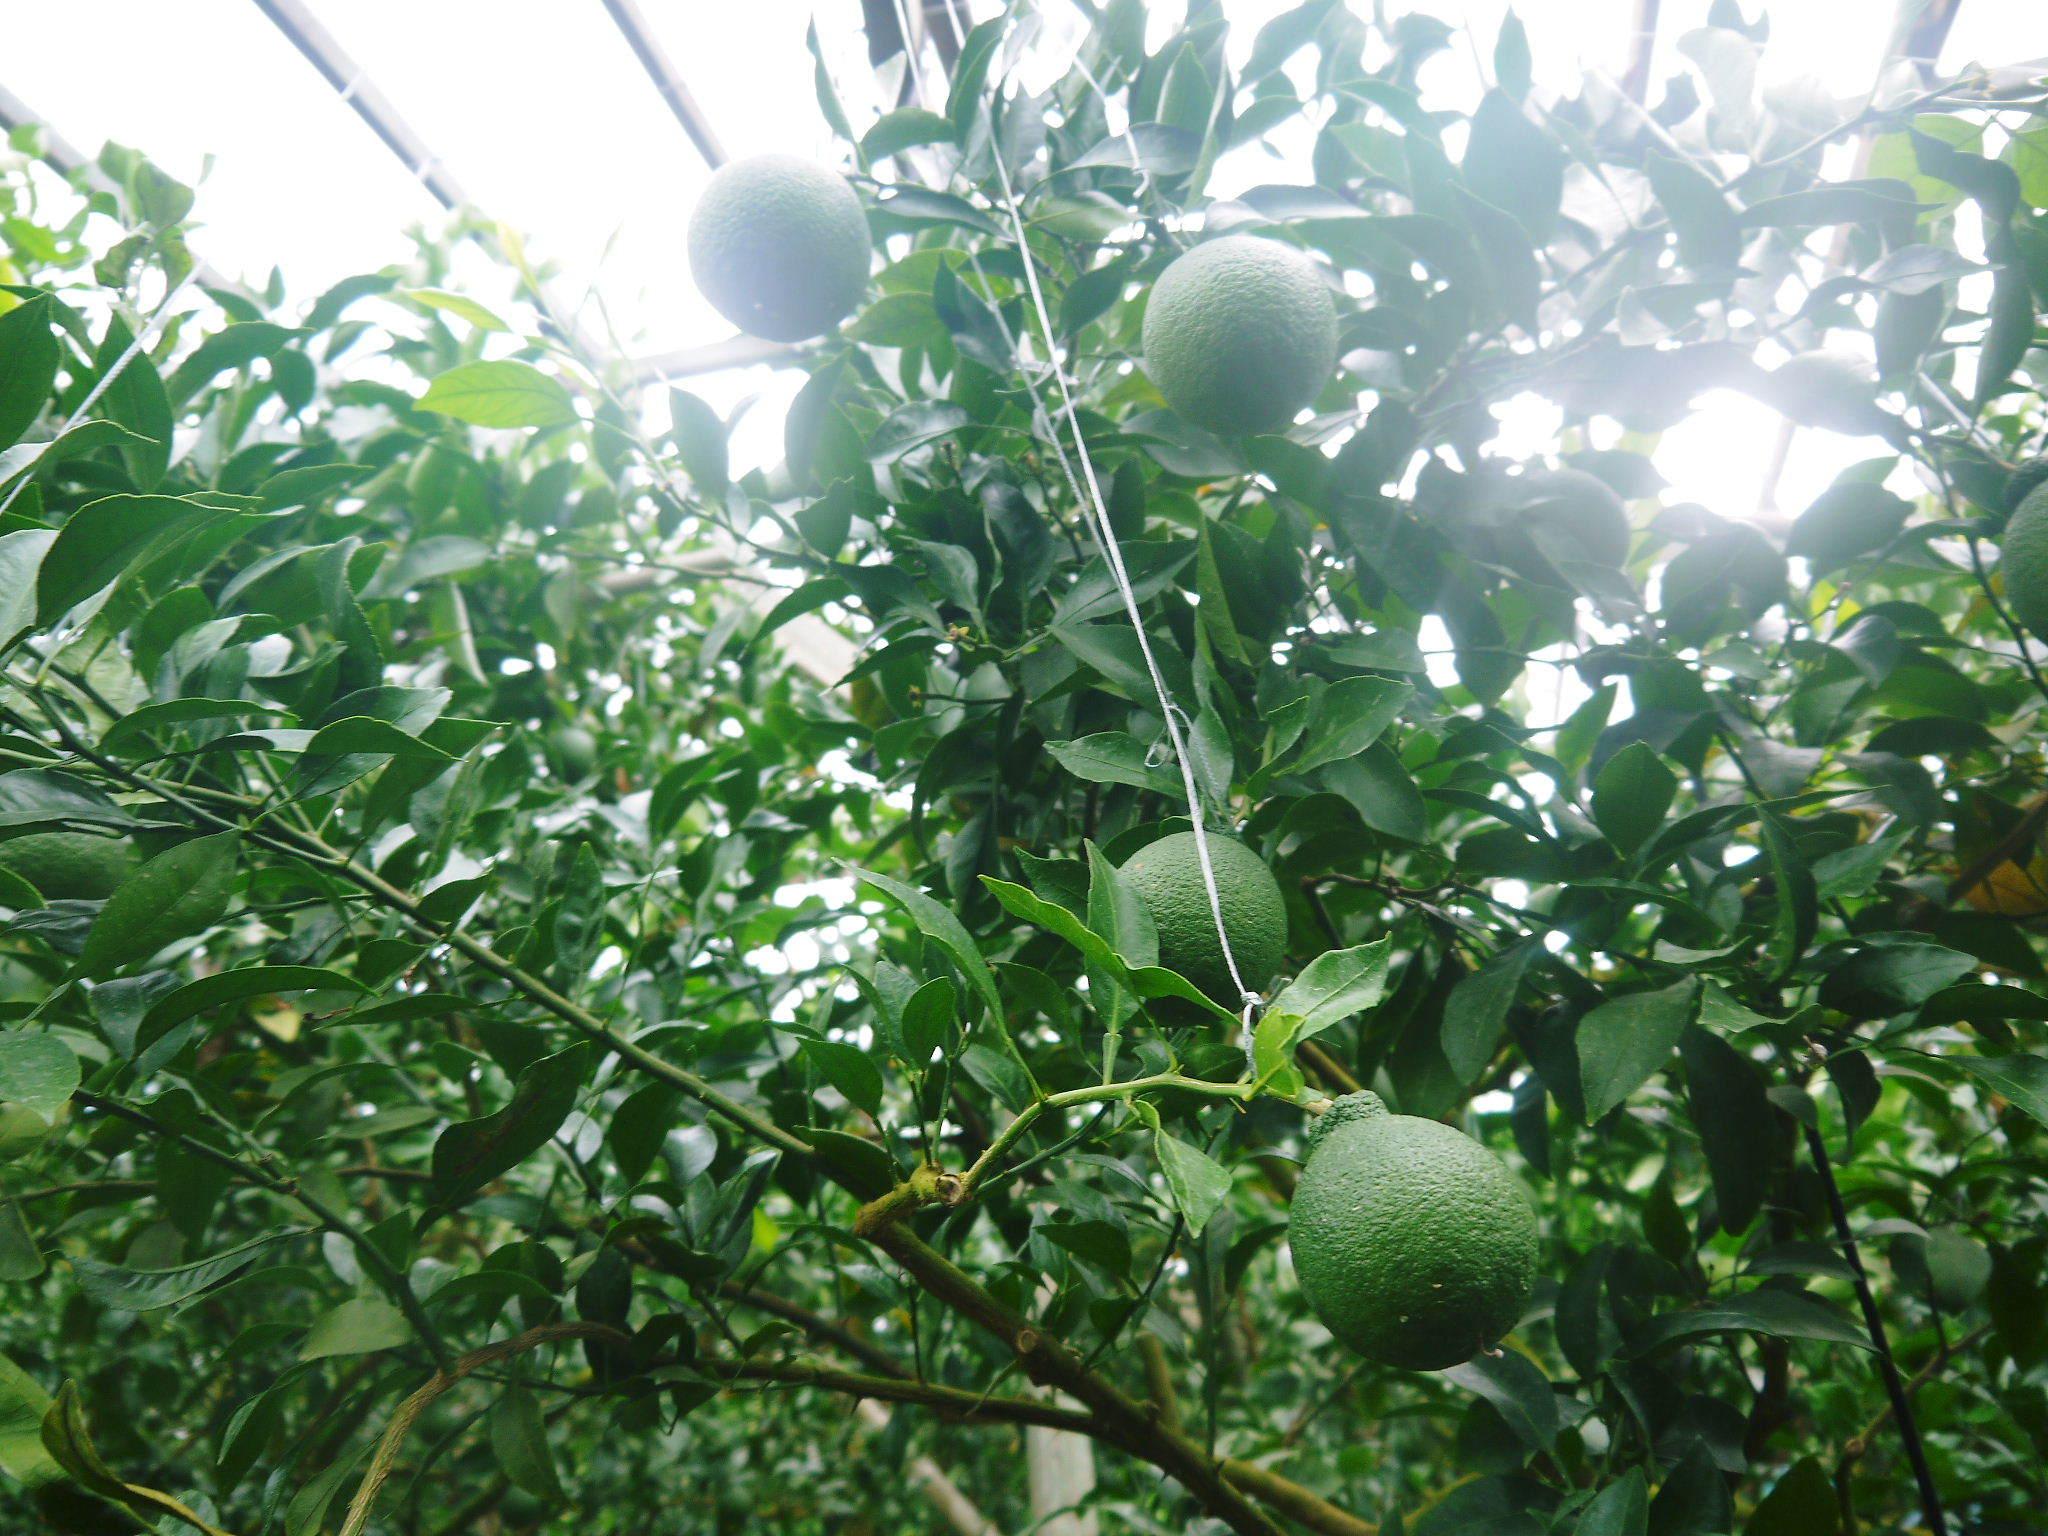 デコポン(肥後ポン) 果実を大きく成長させる匠の水管理と来年のための夏芽の話!後編_a0254656_16590754.jpg